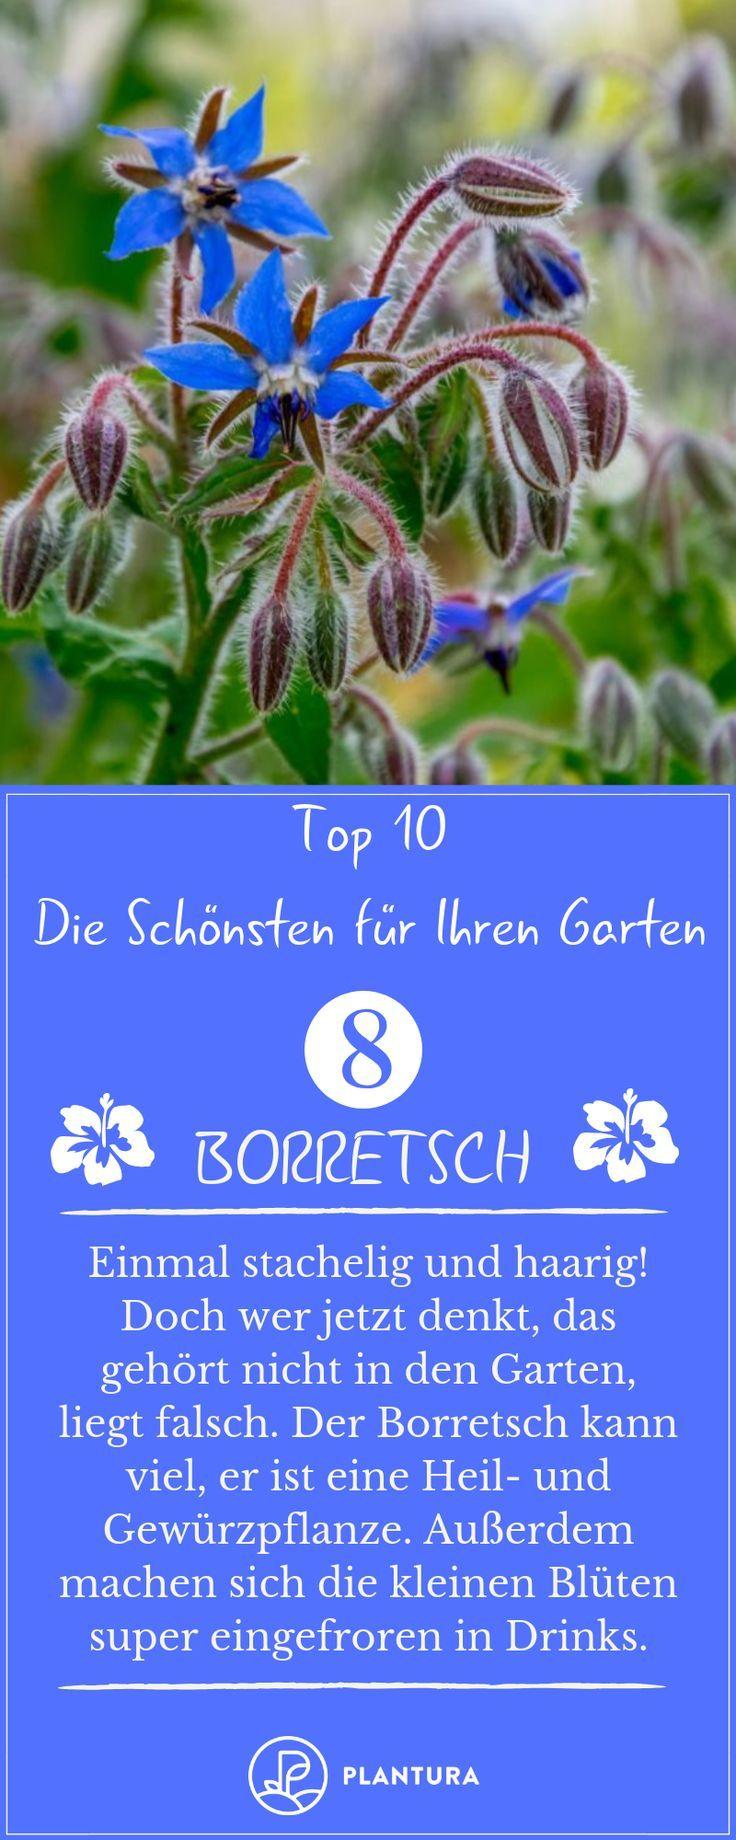 Sommerblumen: Die 10 Schönsten für Ihren Garten – Plantura   Garten Ideen & Tipps   Gemüse, Obst, Kräuter